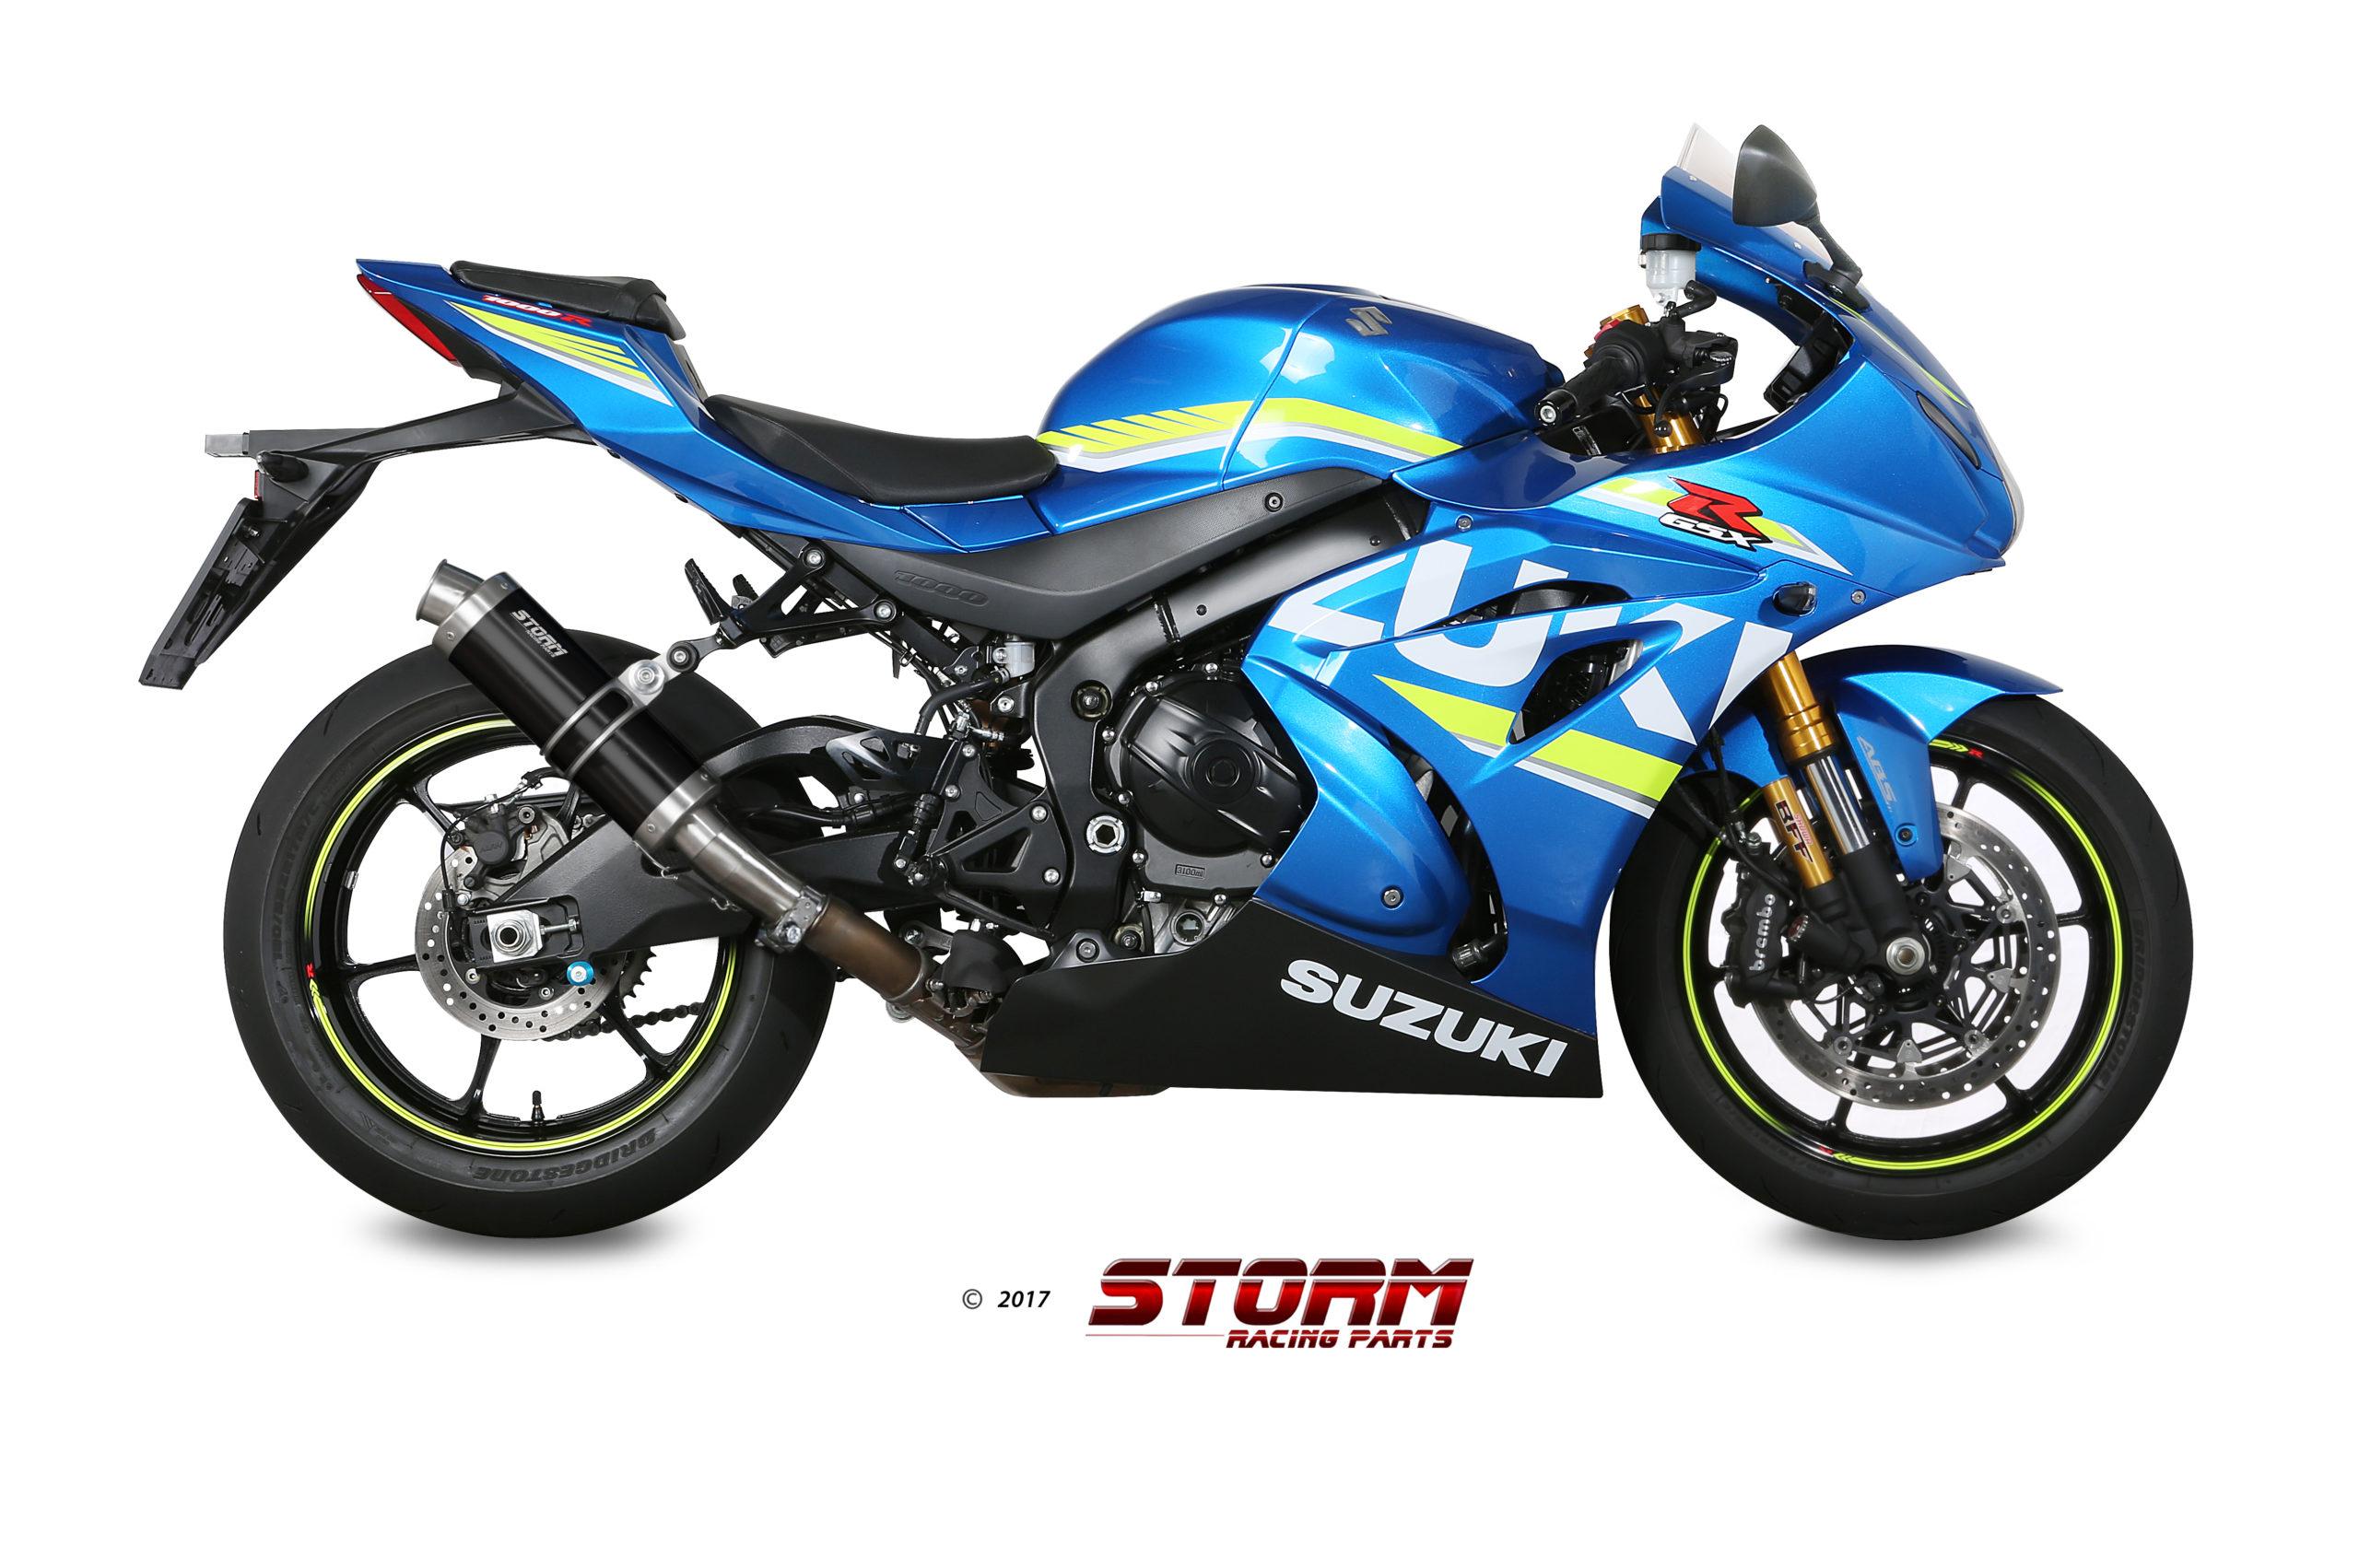 Suzuki_GSXR1000_2017-_74S050LXSB_01